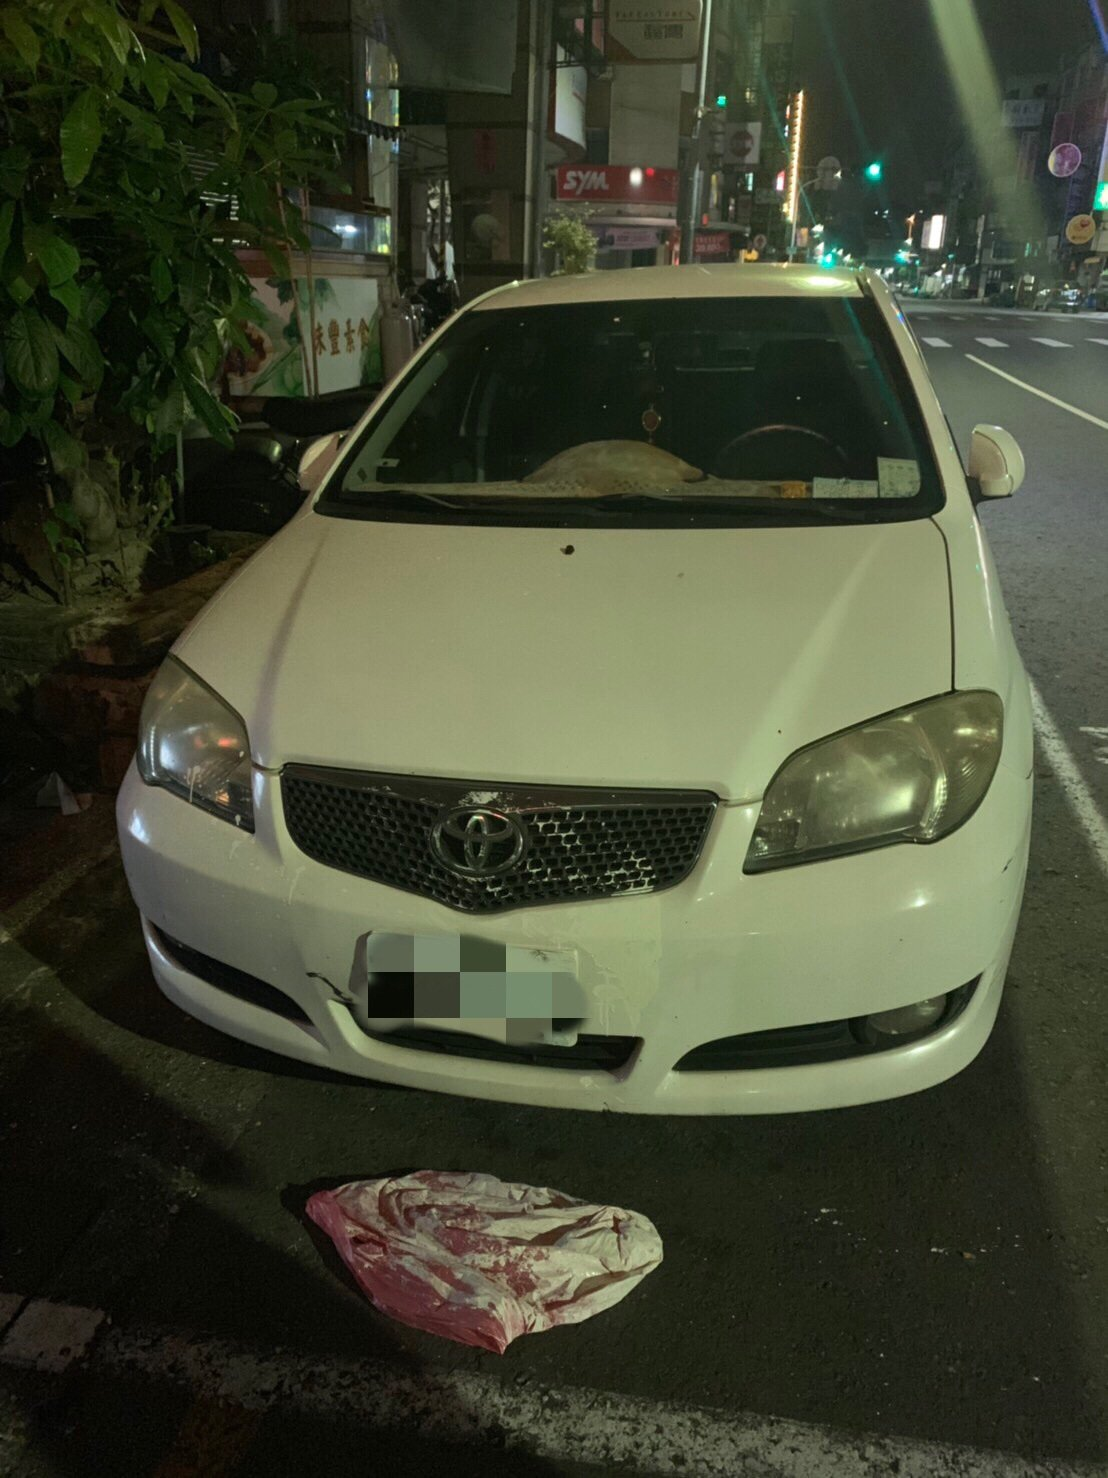 高雄今天凌晨發生潑漆事故,旁邊停車也遭波及。記者林保光/翻攝